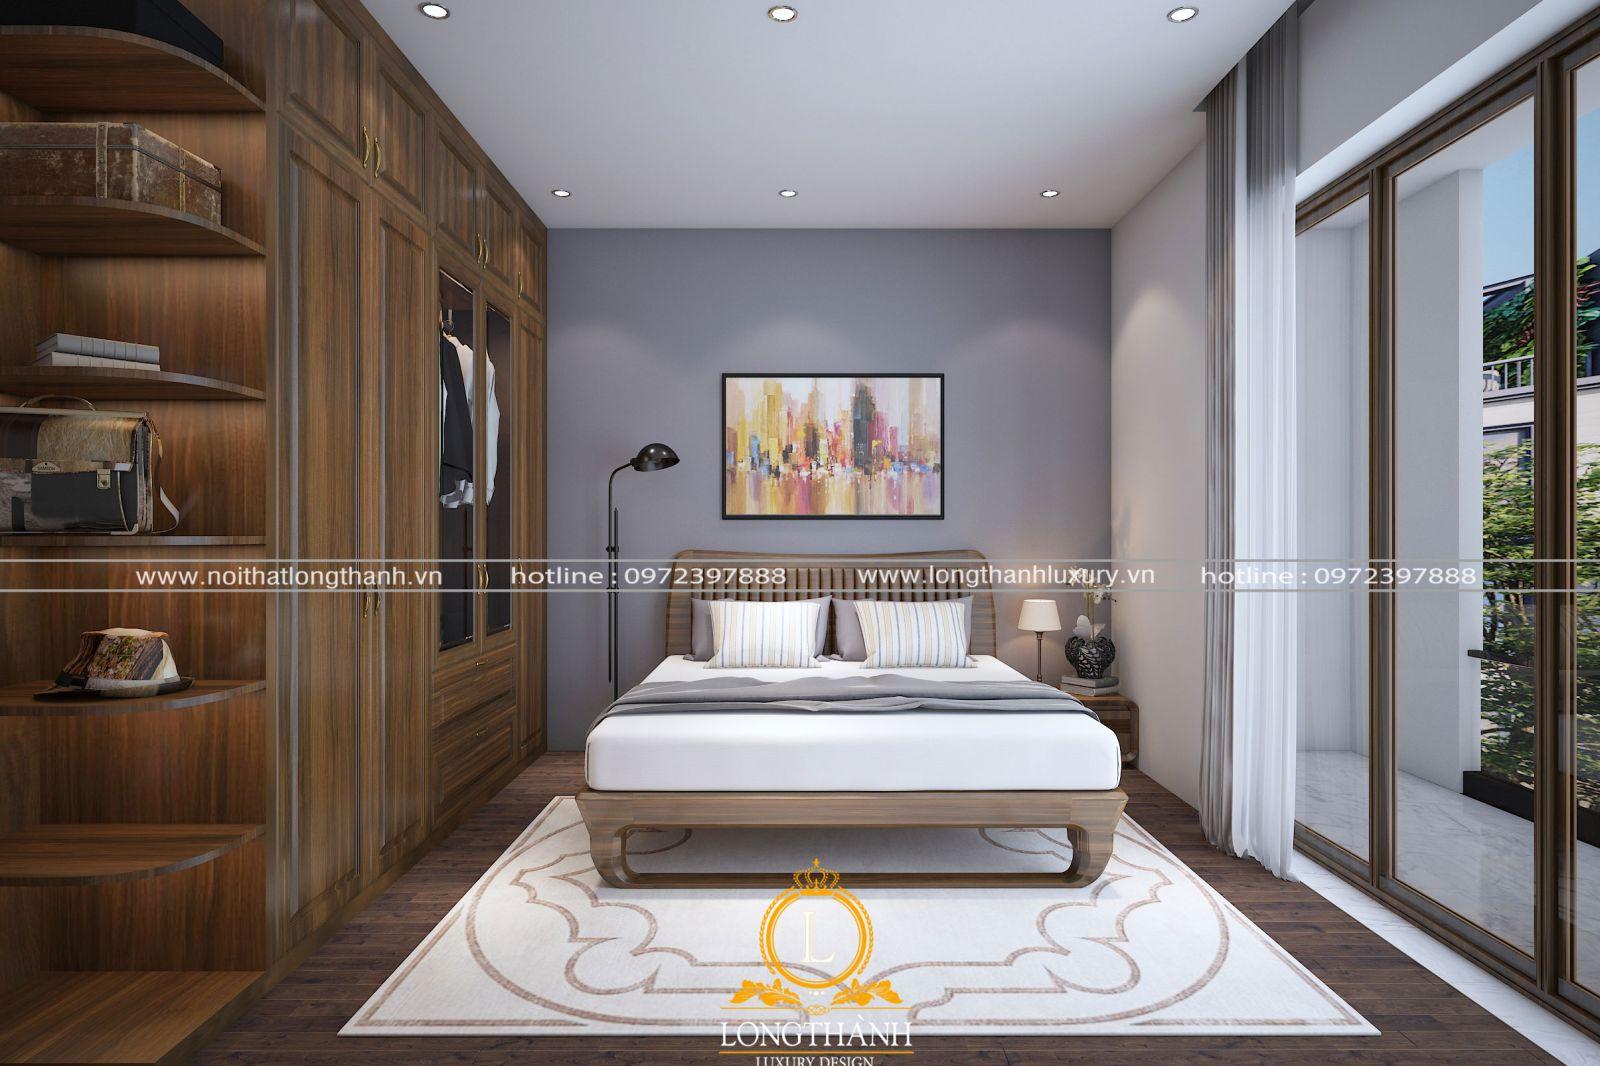 Không gian phòng ngủ hiện đại với màu sắc linh hoạt và độc đáo